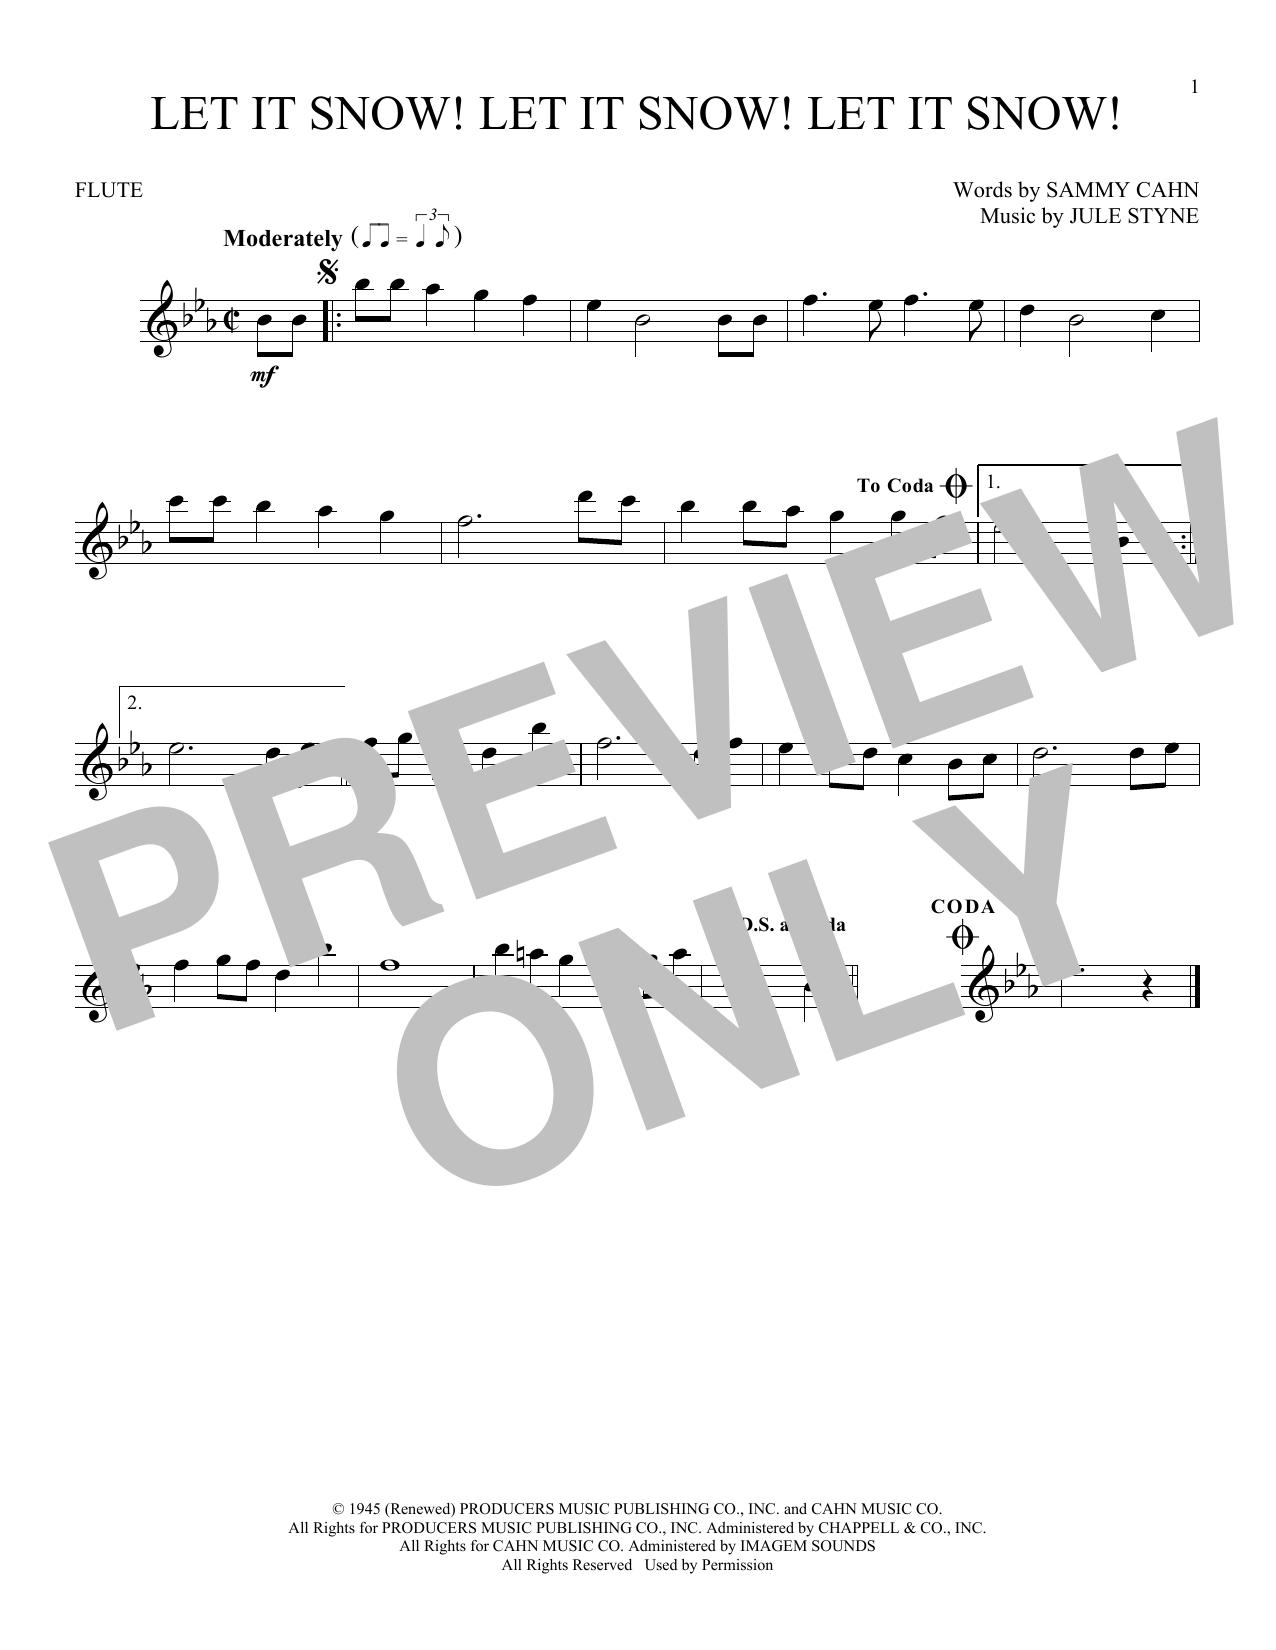 Partition flûte Let It Snow! Let It Snow! Let It Snow! de Sammy Cahn - Flute traversiere